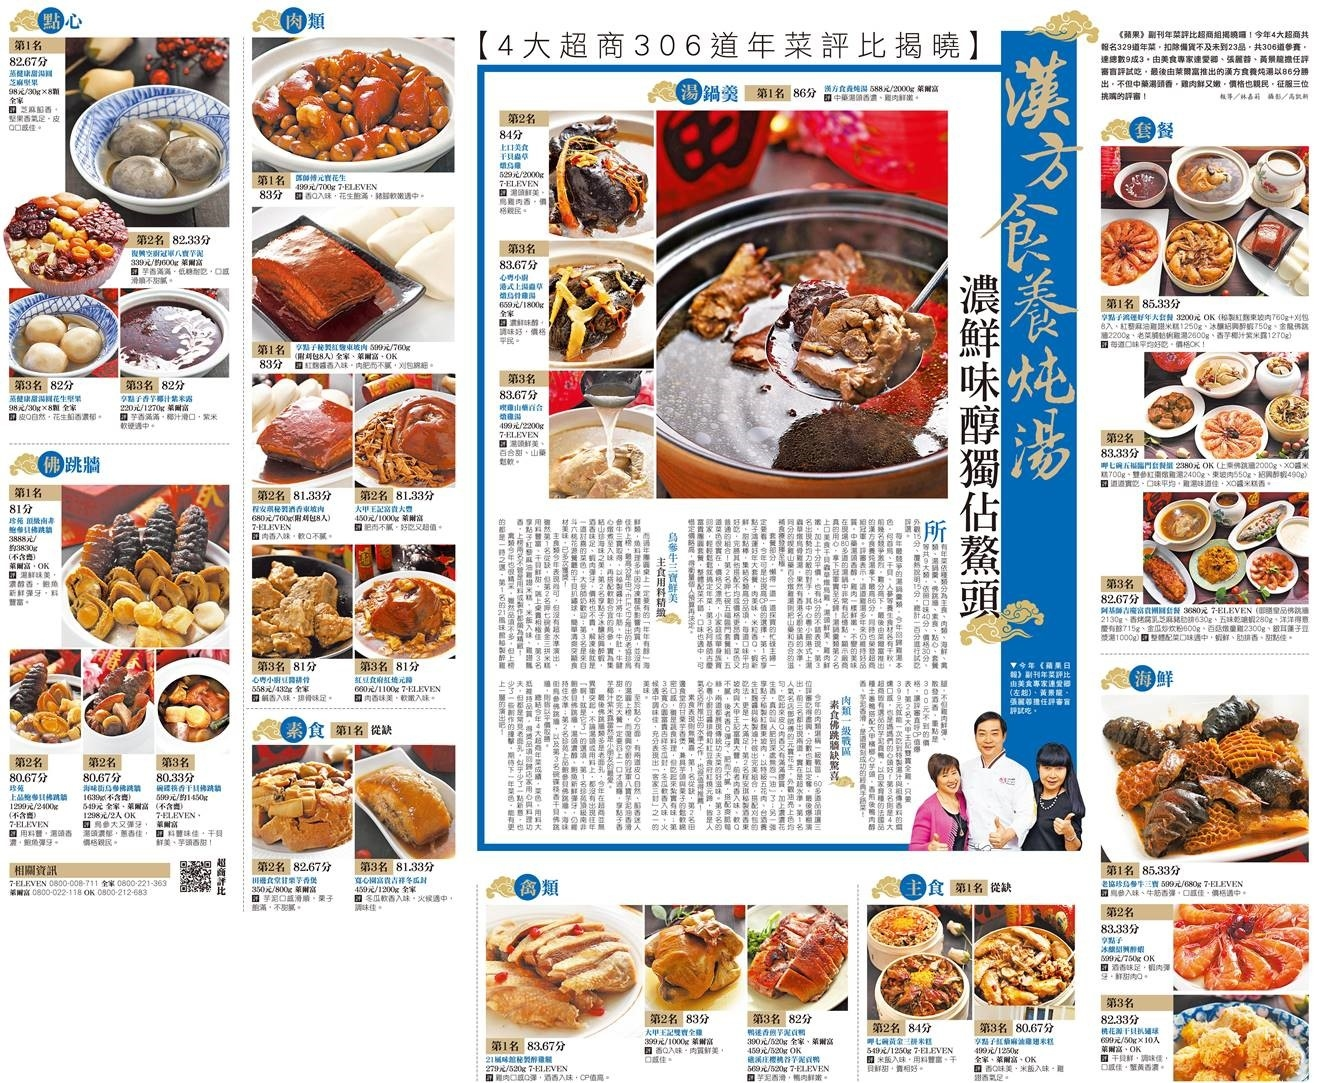 2019年菜_4大超商306年菜評比.jpg